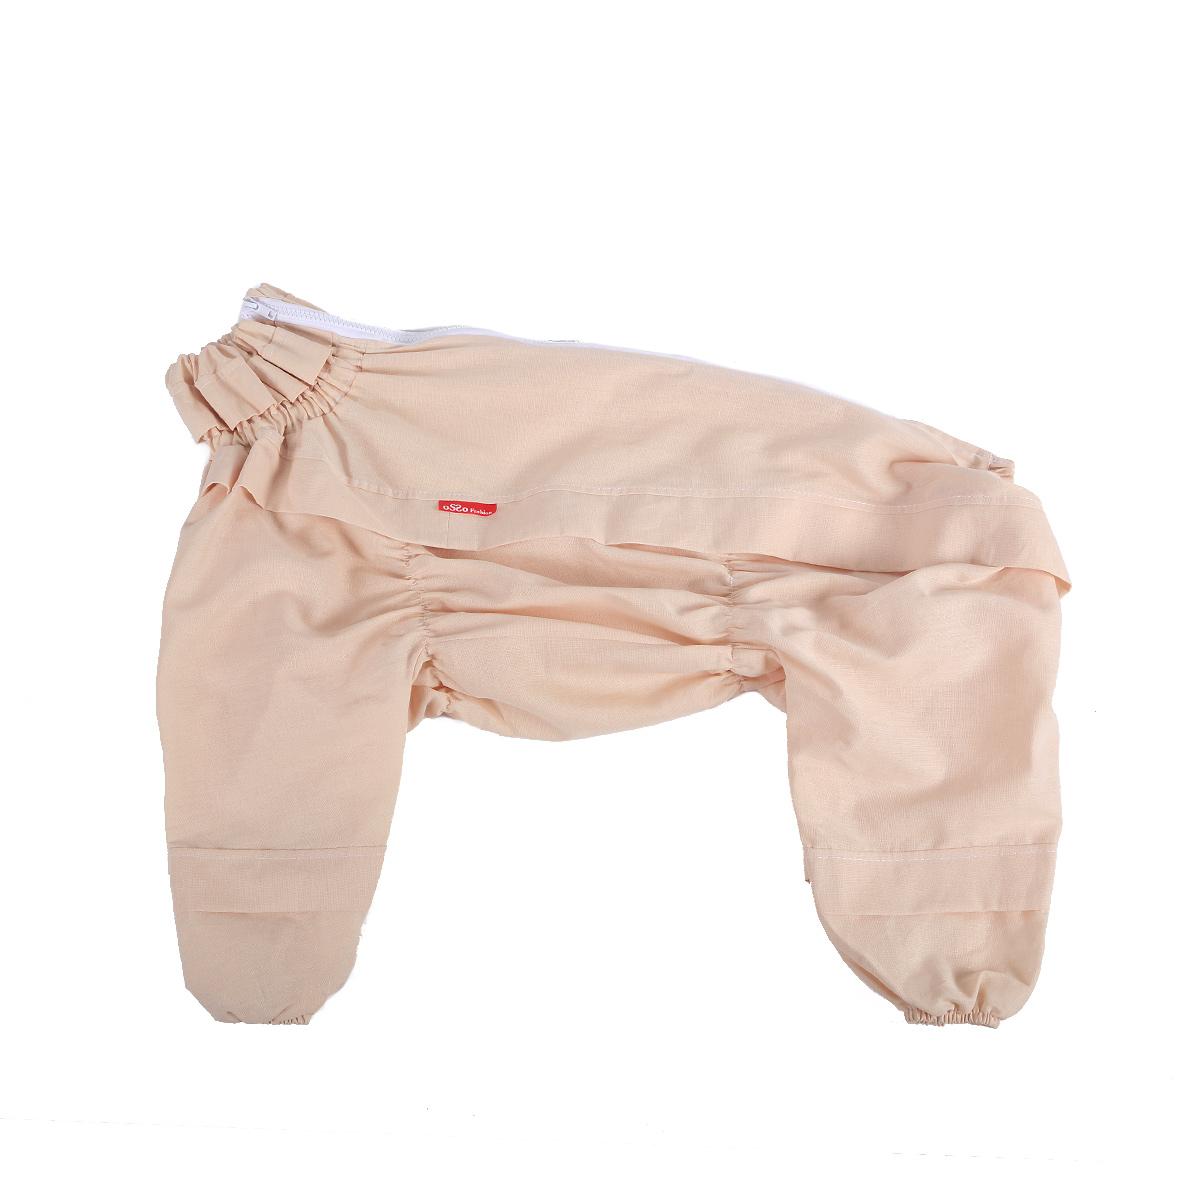 Комбинезон для собак OSSO Fashion, от клещей, для девочки, цвет: бежевый. Размер 550120710Комбинезон для собак OSSO Fashion изготовлен из 100% хлопка, имеет светлую расцветку, на которой сразу будут заметны кровососущие насекомые. Комбинезон предназначен для защиты собак во время прогулок по парку и лесу. Разработан с учетом особенностей поведения клещей. На комбинезоне имеются складки-ловушки на груди, на штанинах, на боках комбинезона и на шее, которые преграждают движение насекомого вверх. Комбинезон очень легкий и удобный. Низ штанин на резинке, на спине застегивается на молнию.Длина спинки: 55 см.Объем груди: 66-90 см.